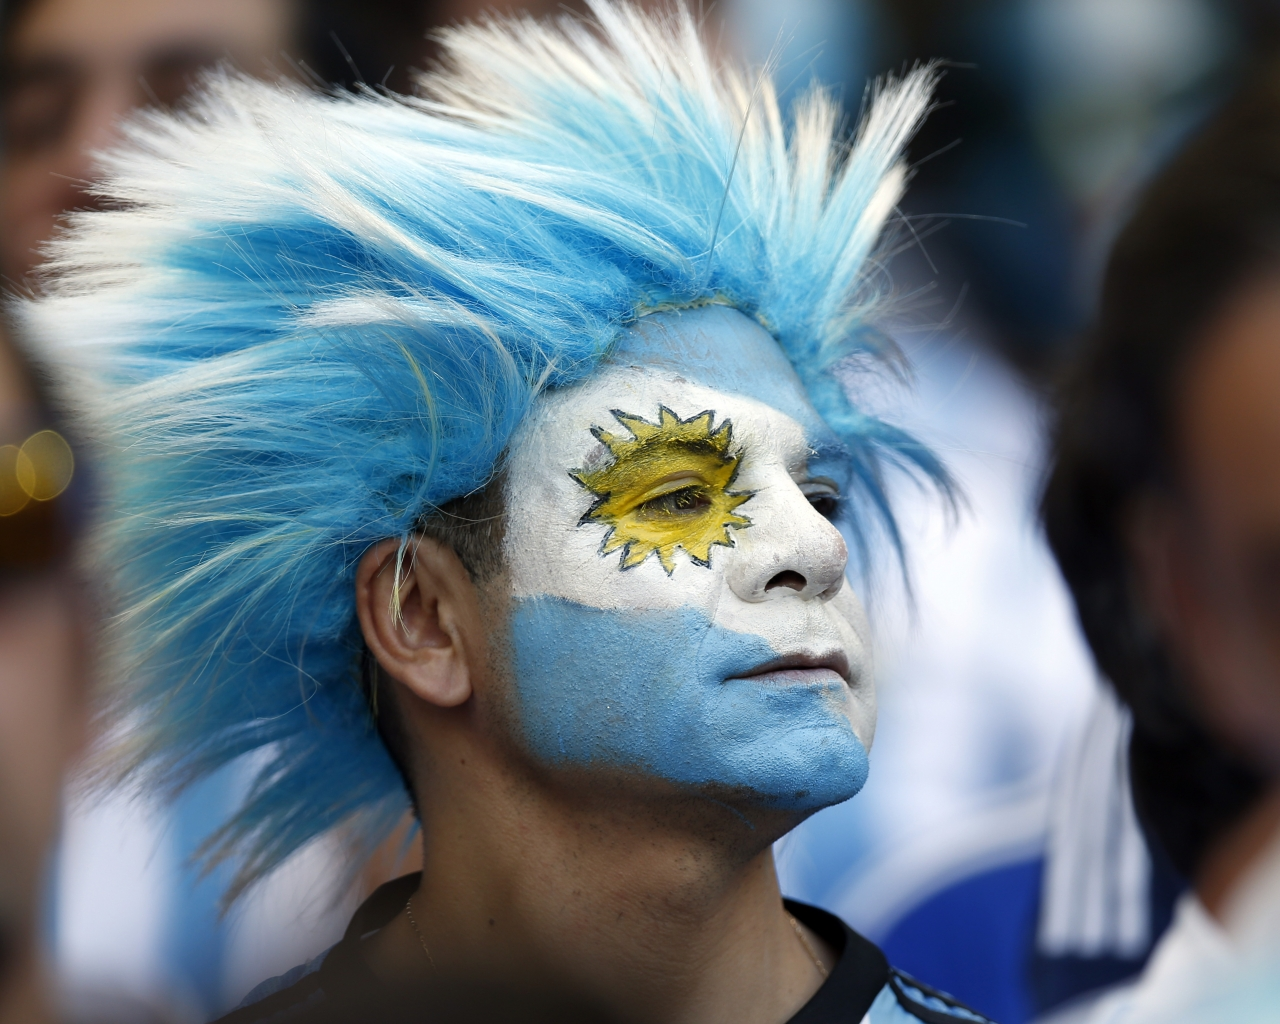 Hinchas Argentinos con cara pintada - 1280x1024